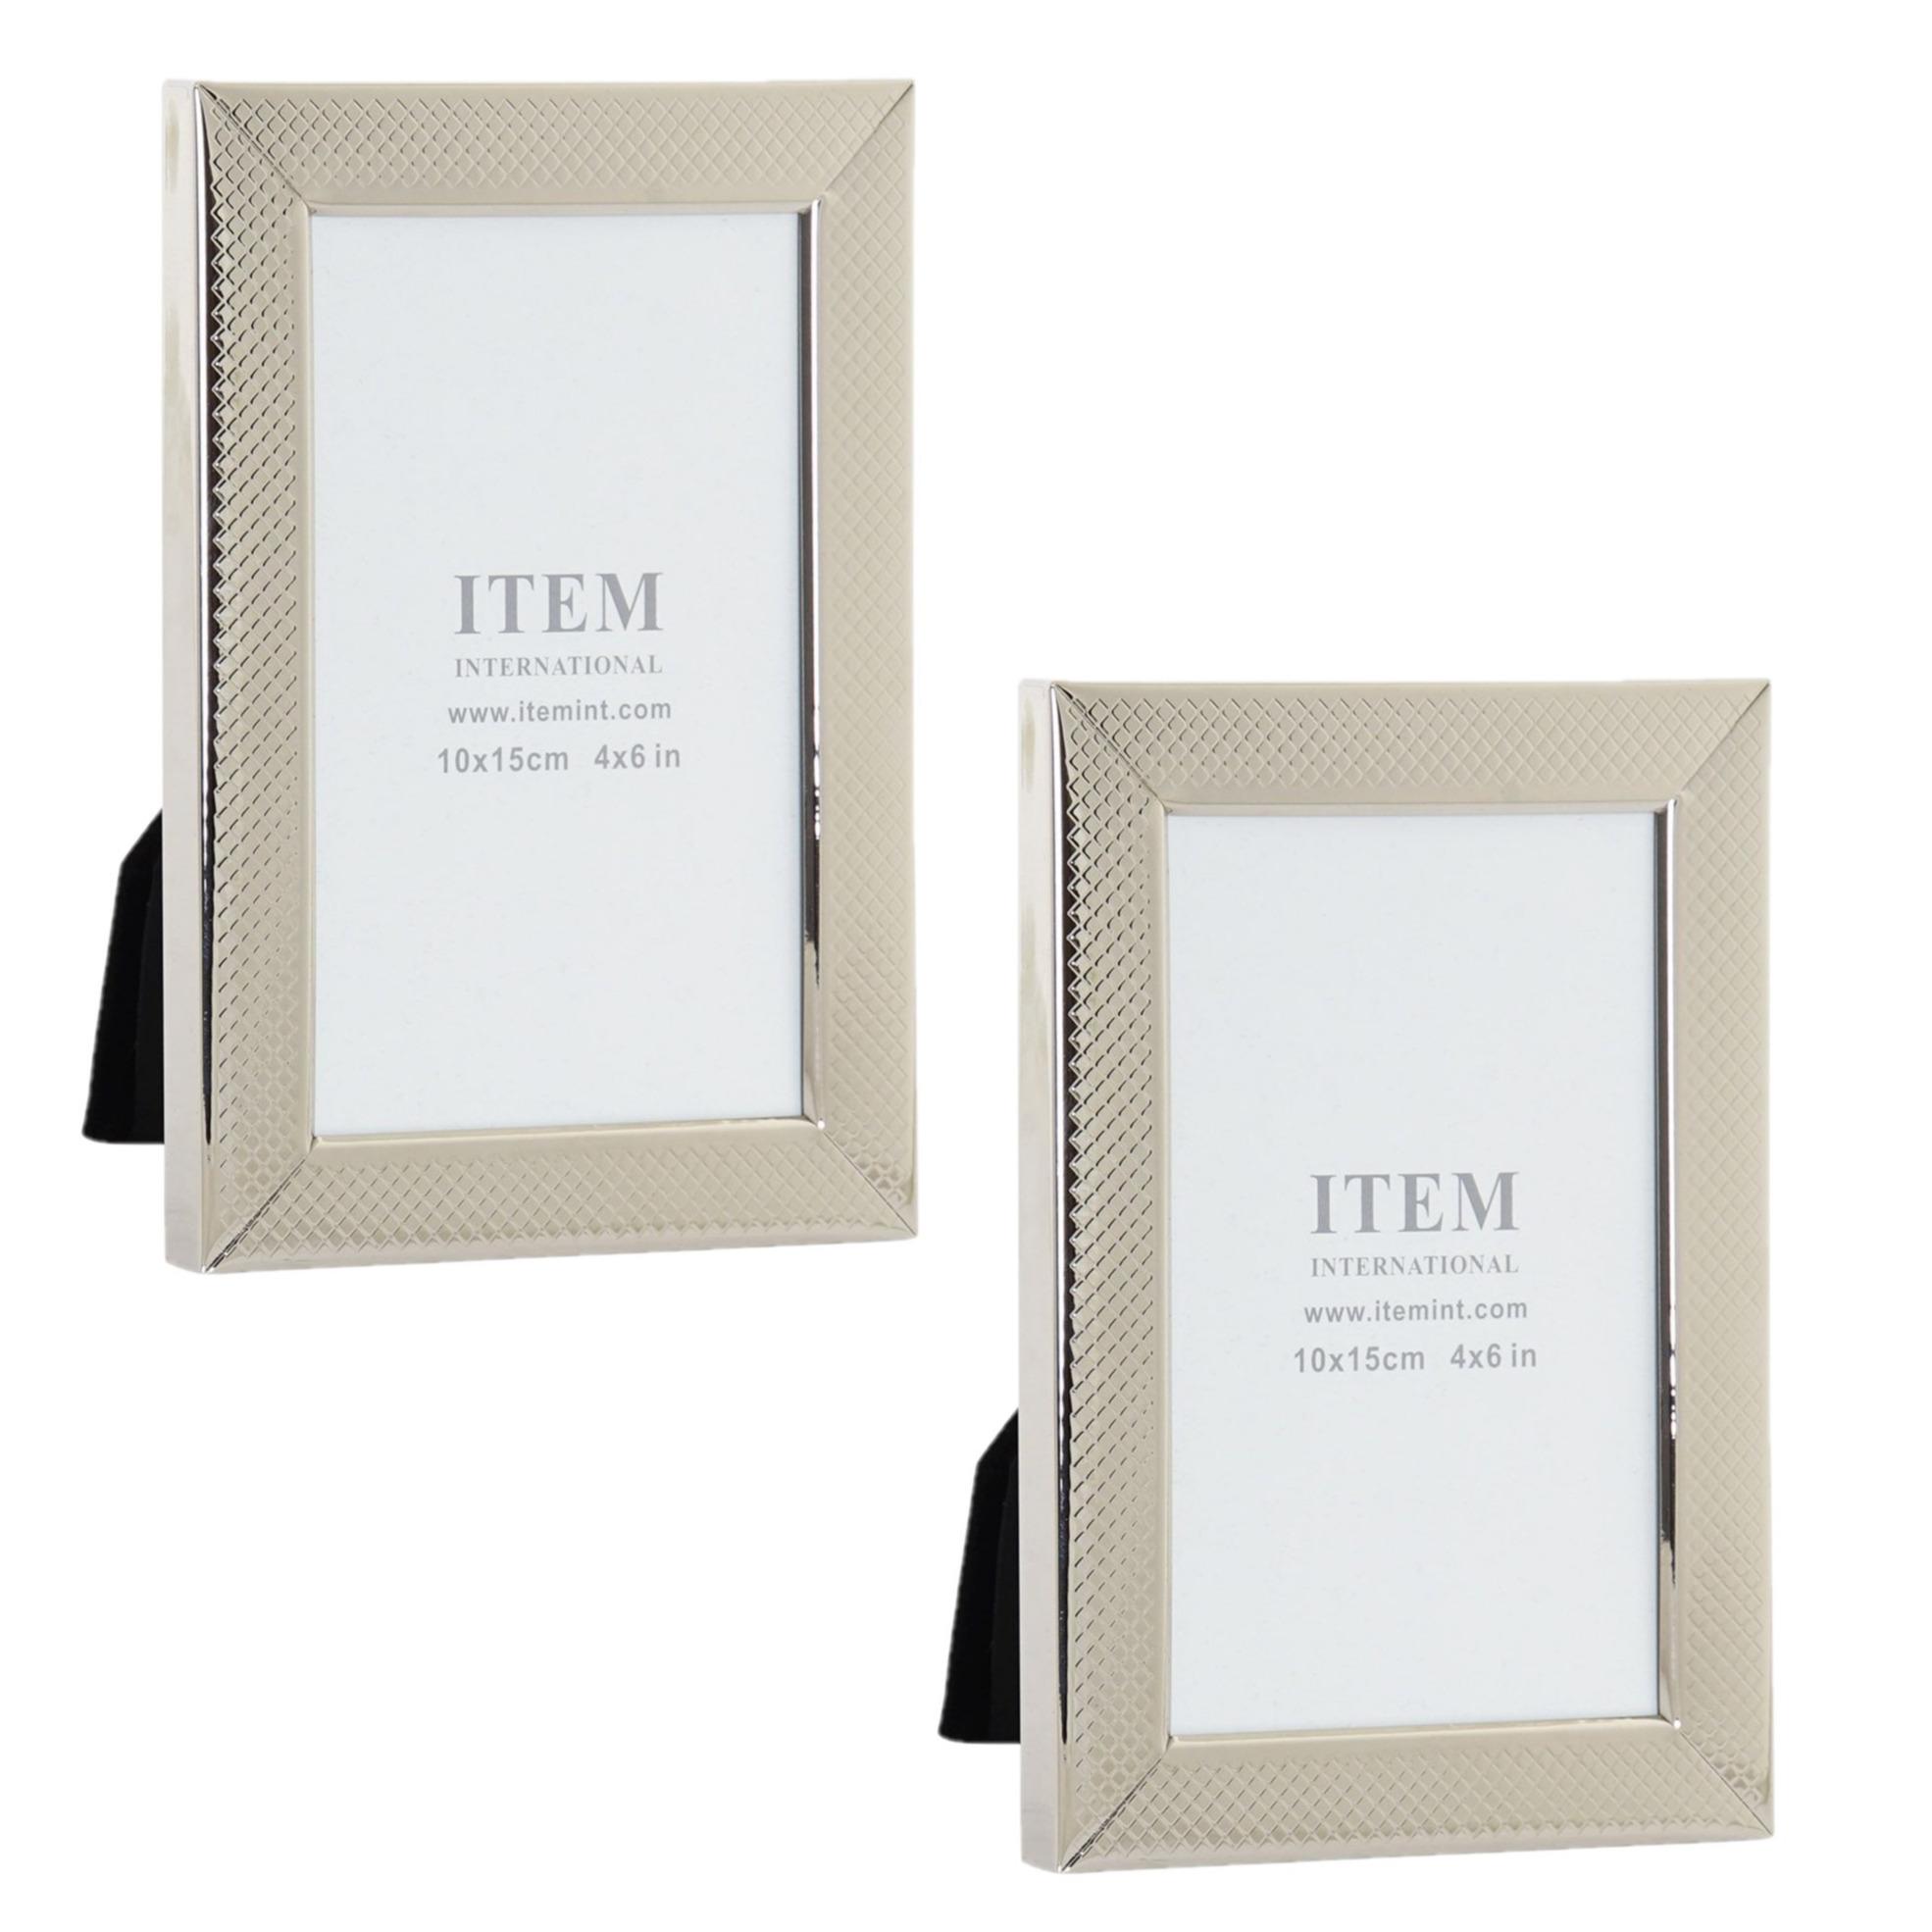 3x stuks fotolijstjes zilver geschikt voor een foto van 10 x 15 cm